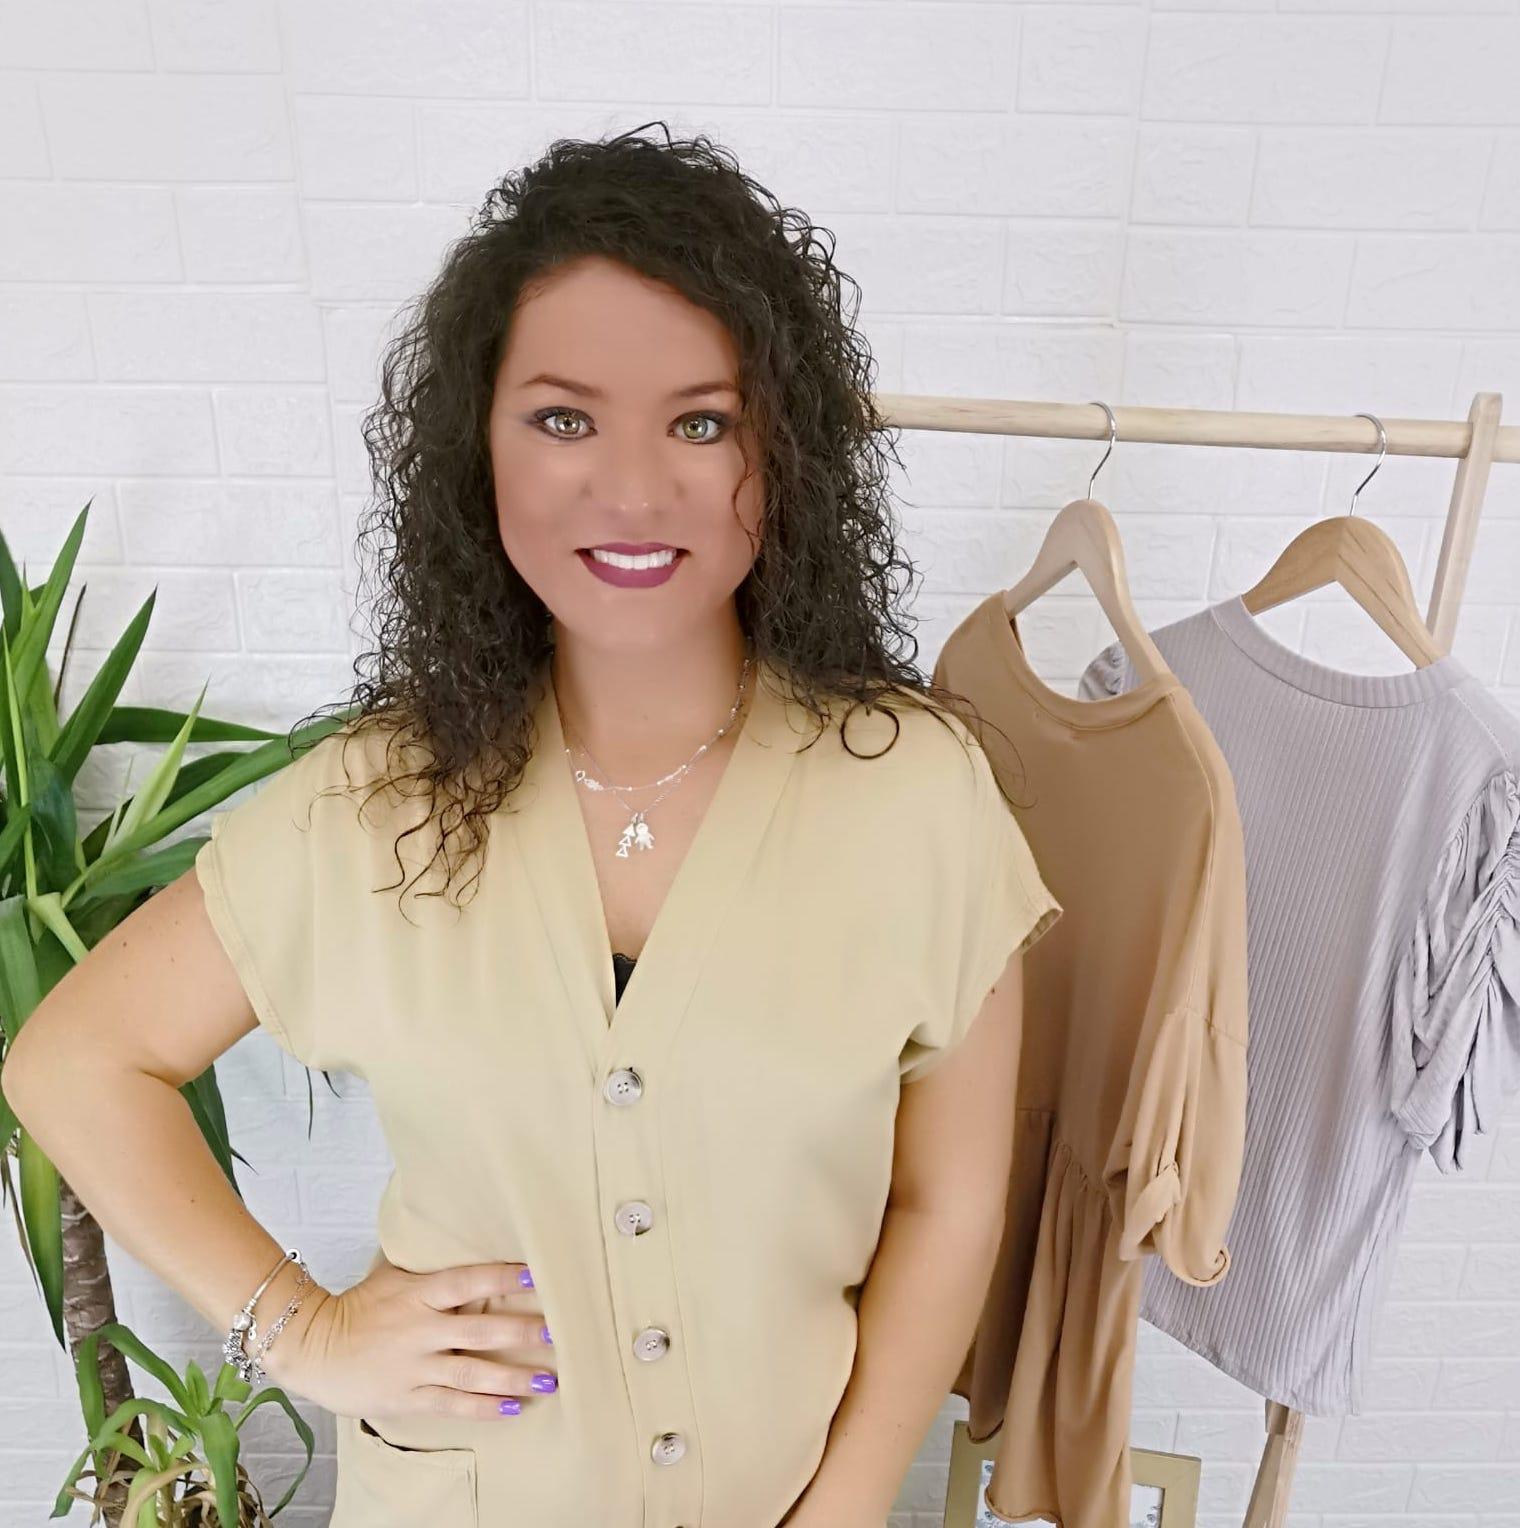 Cristina tienda ropa 1